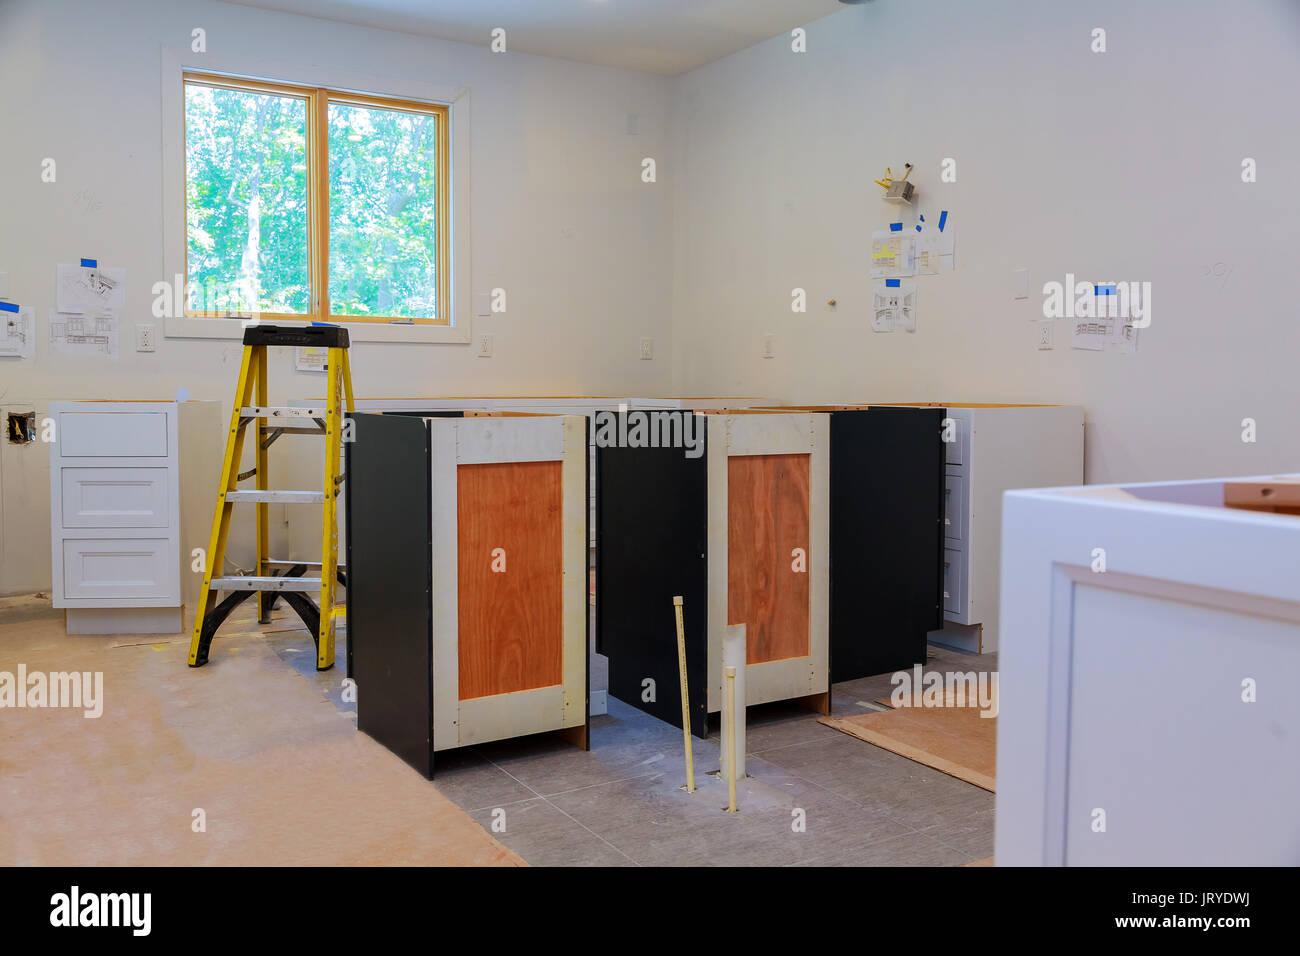 Nett Benutzerdefinierte Küchenschränke Nj Bilder - Ideen Für Die ...